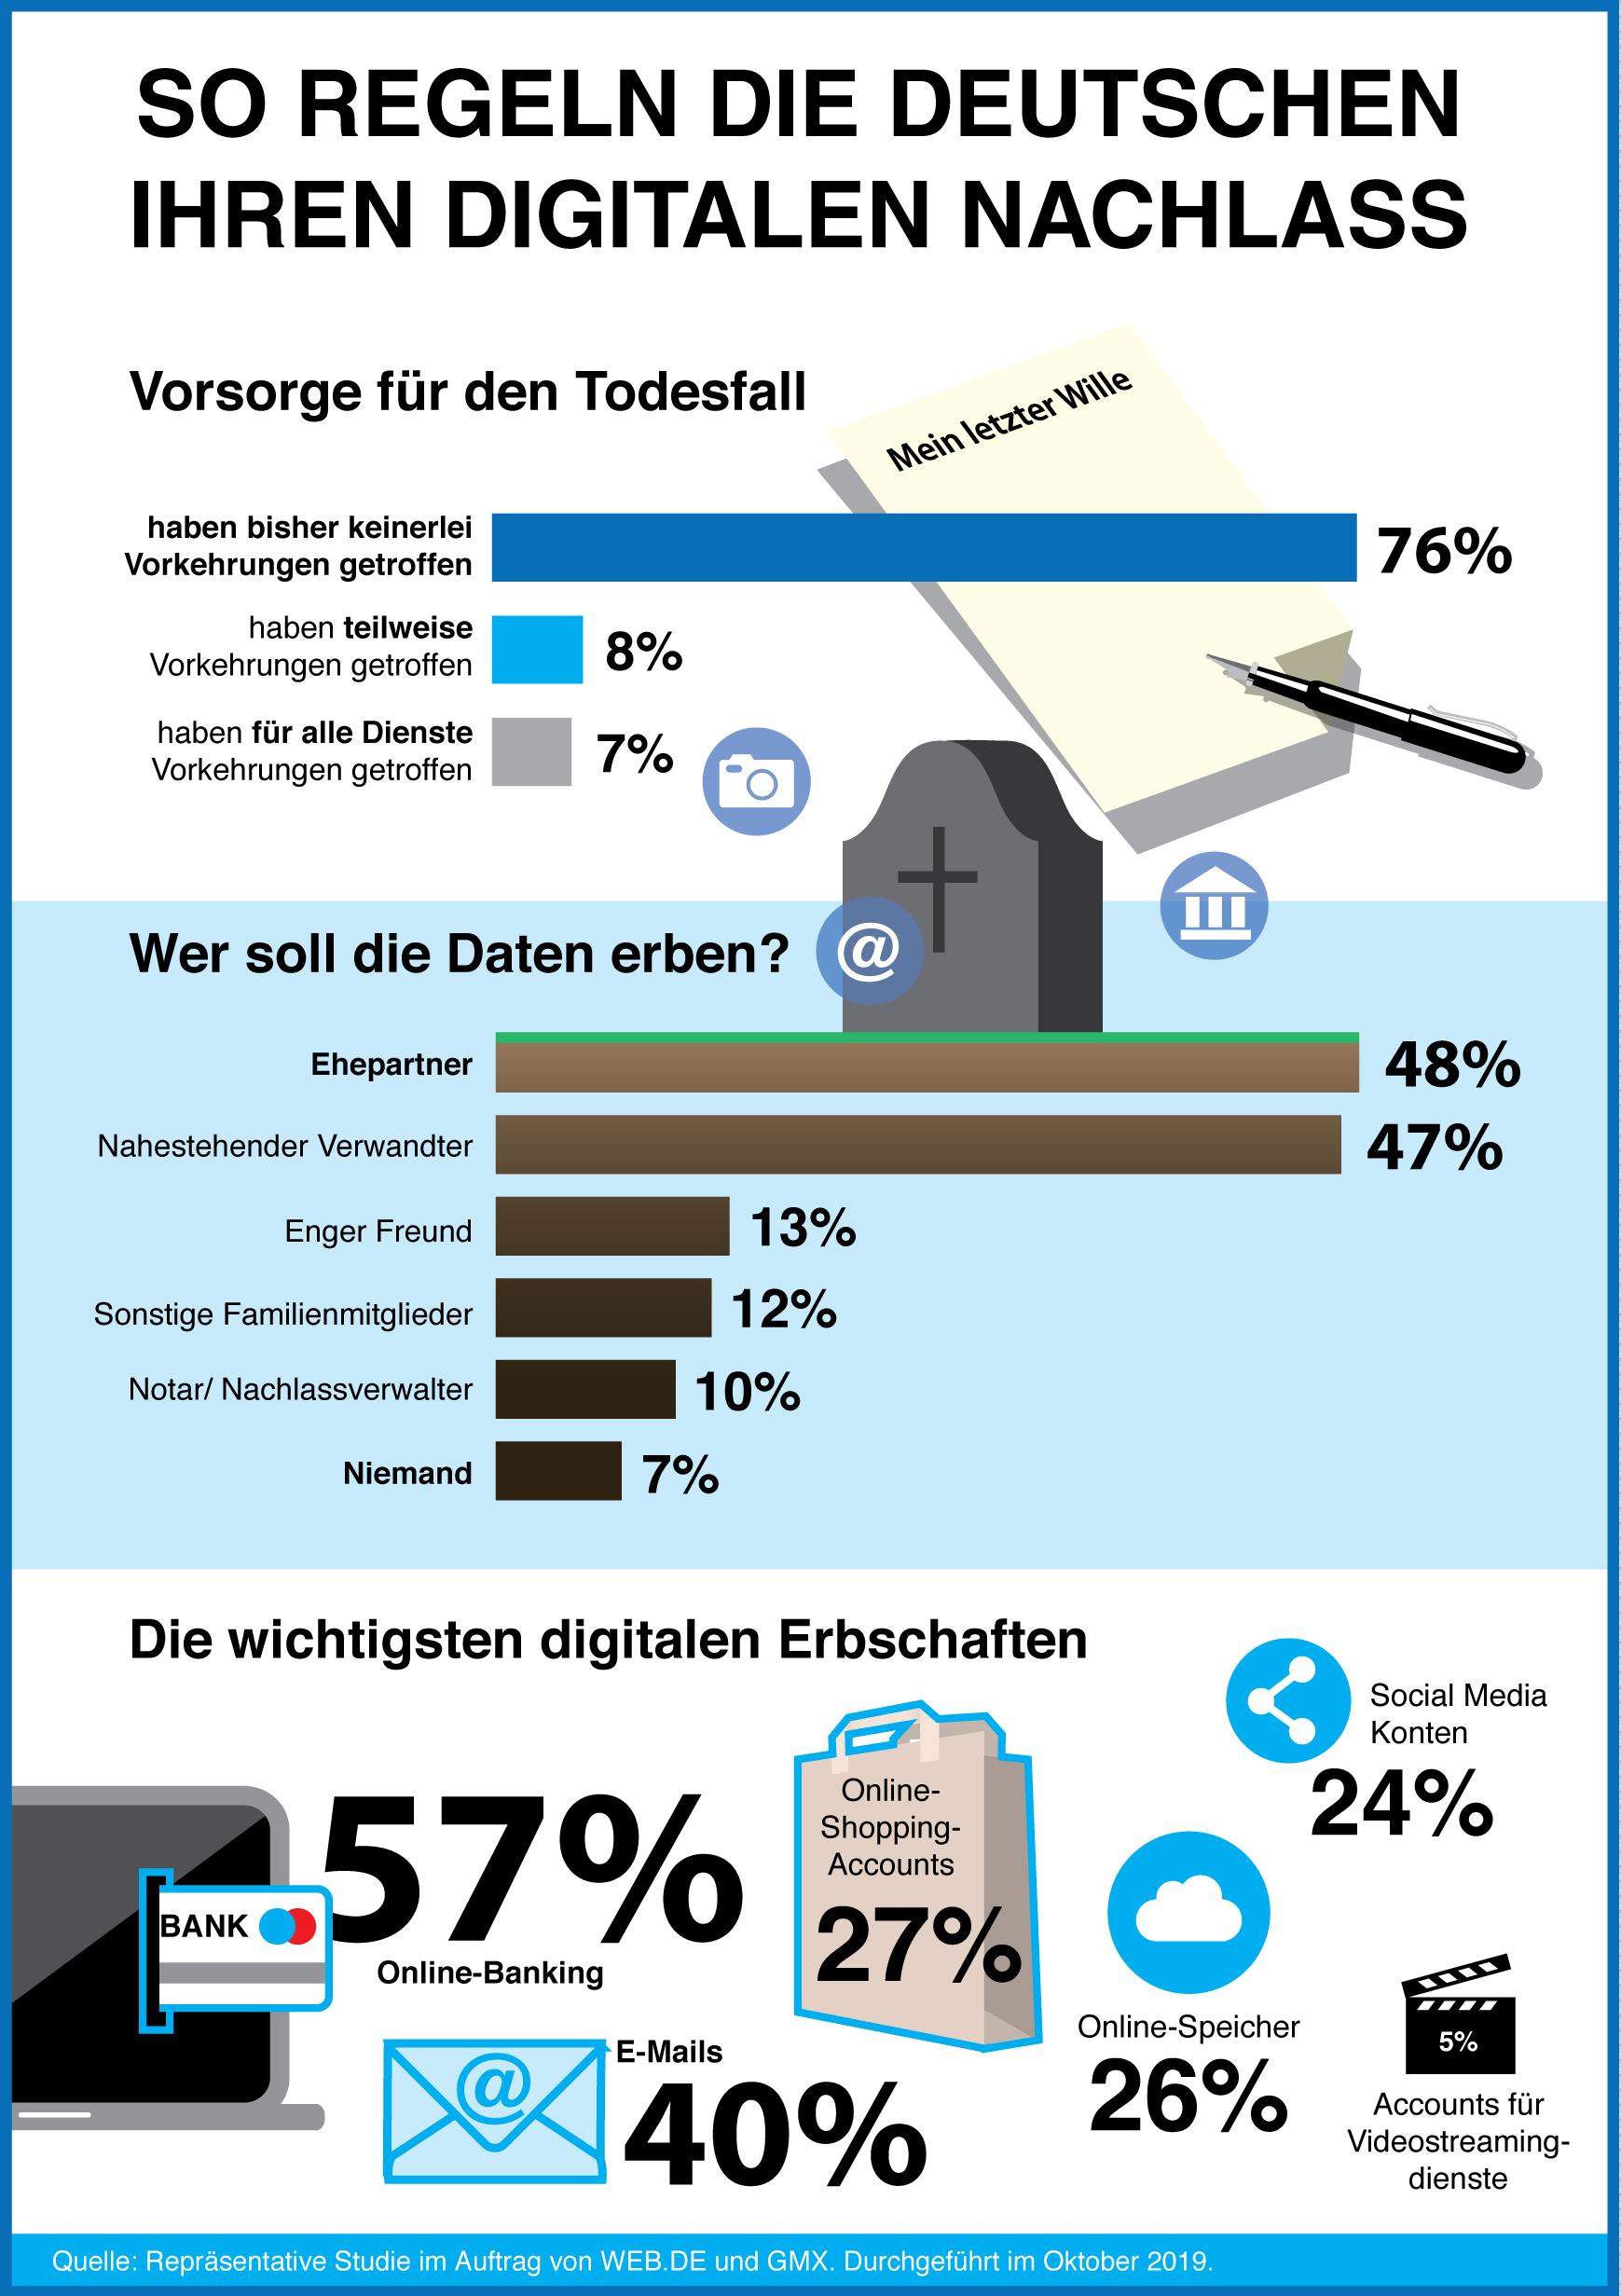 Die Mehrheit der Deutschen hat ihr digitales Erbe noch nicht geregelt. (c) GMX